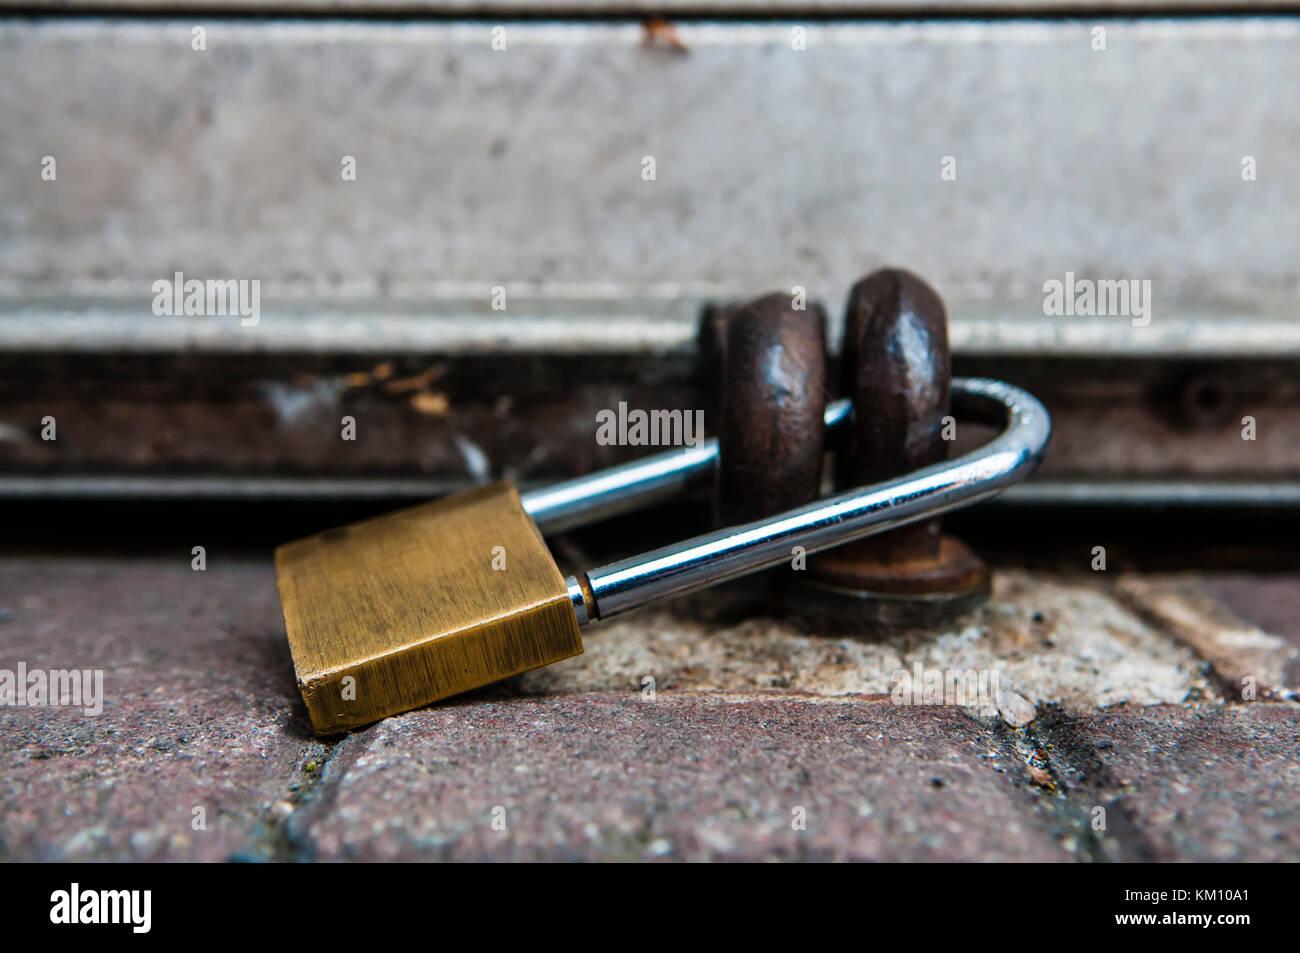 Lucchetto di fissaggio della serranda di un negozio. Immagini Stock